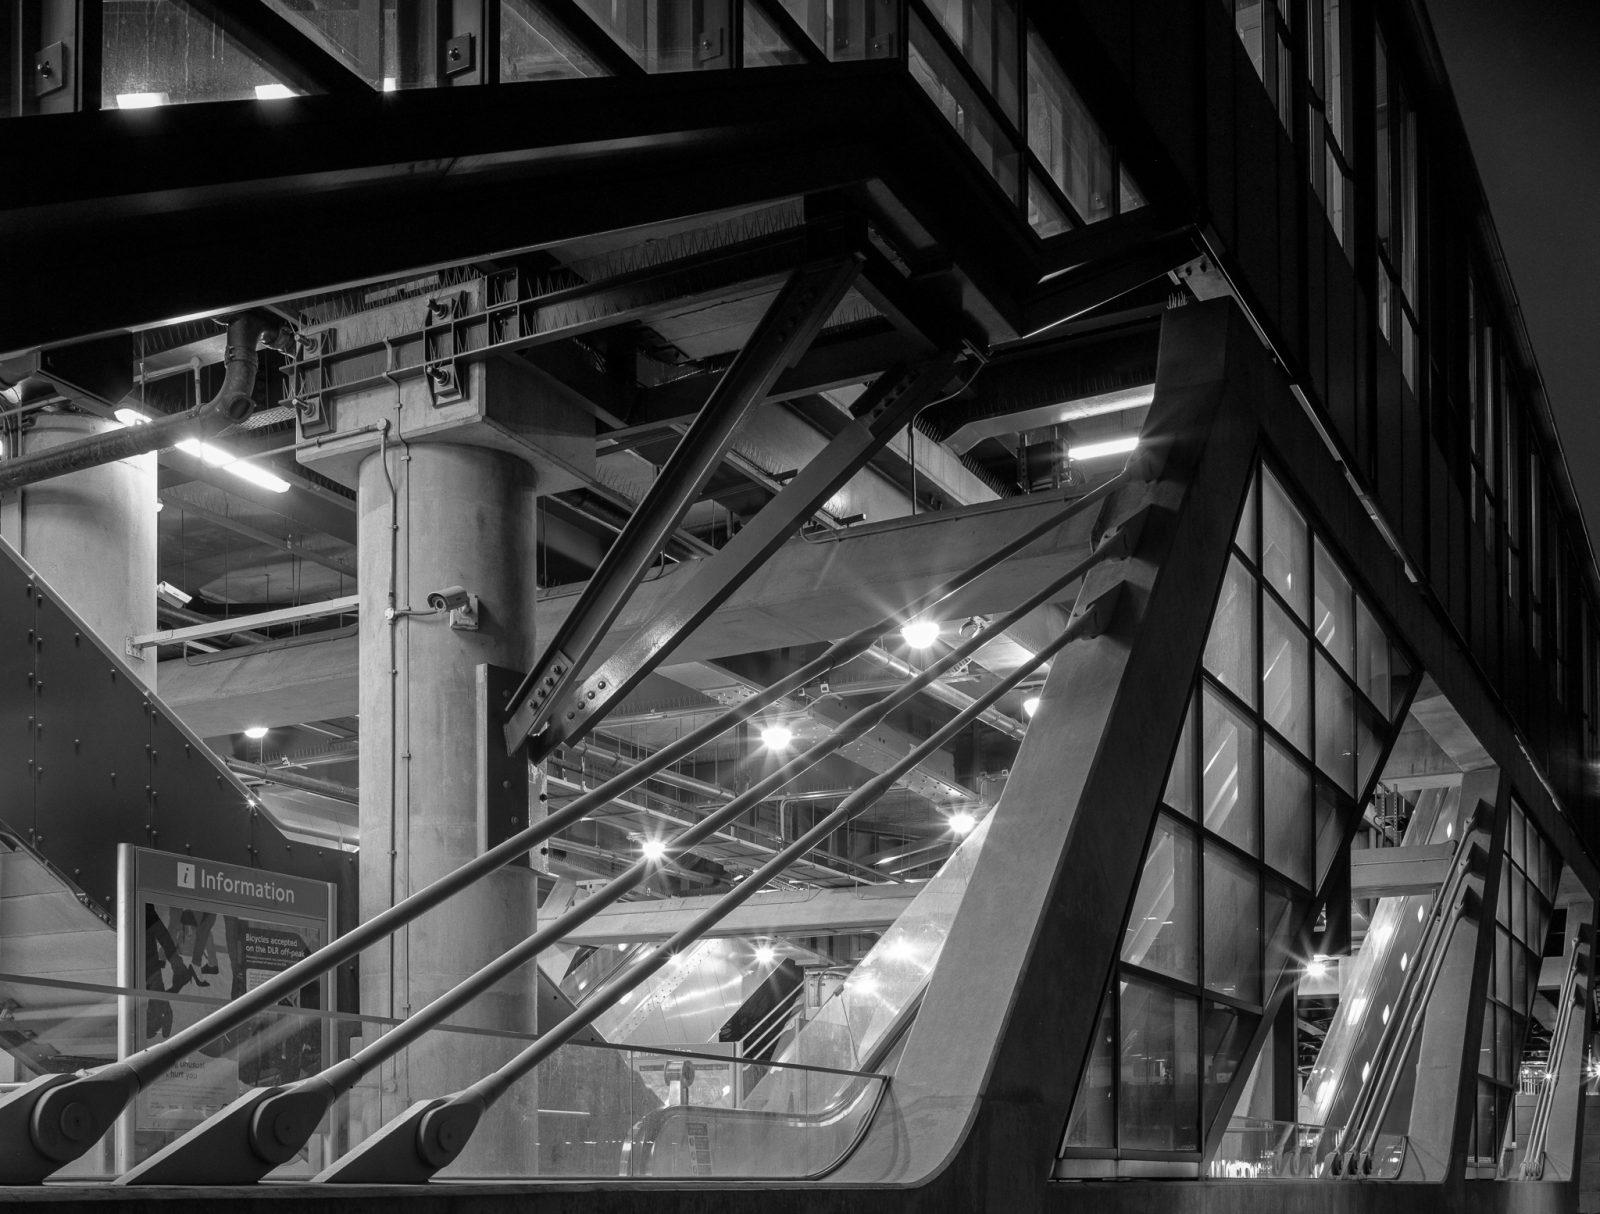 South Quay DLR Station